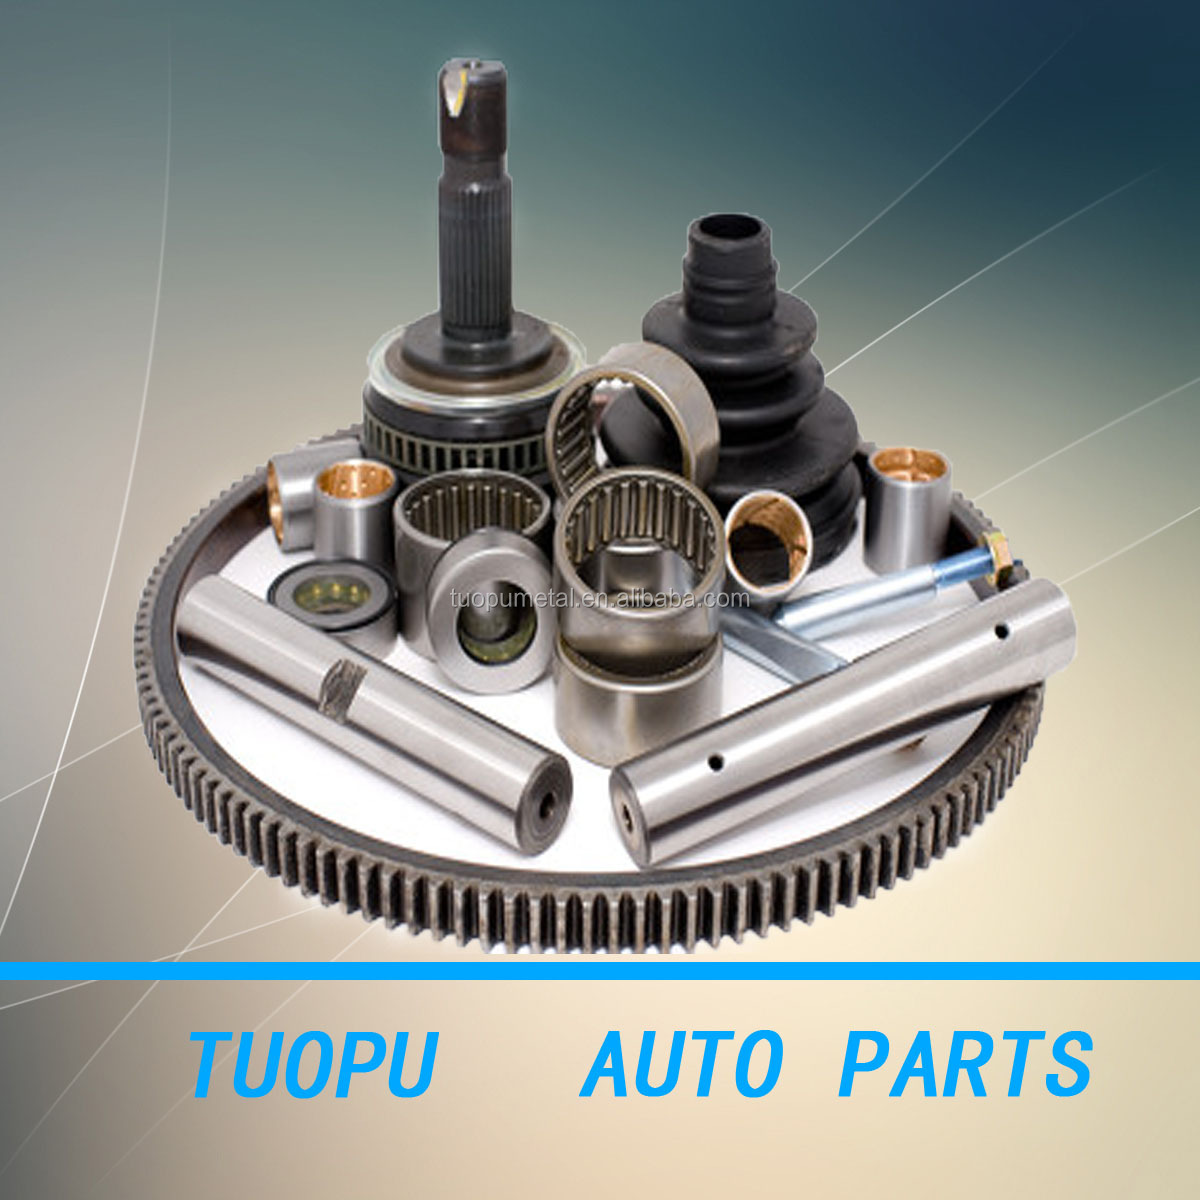 China Manufacturer Precision Auto Parts/car Spare Parts Wholesale ...